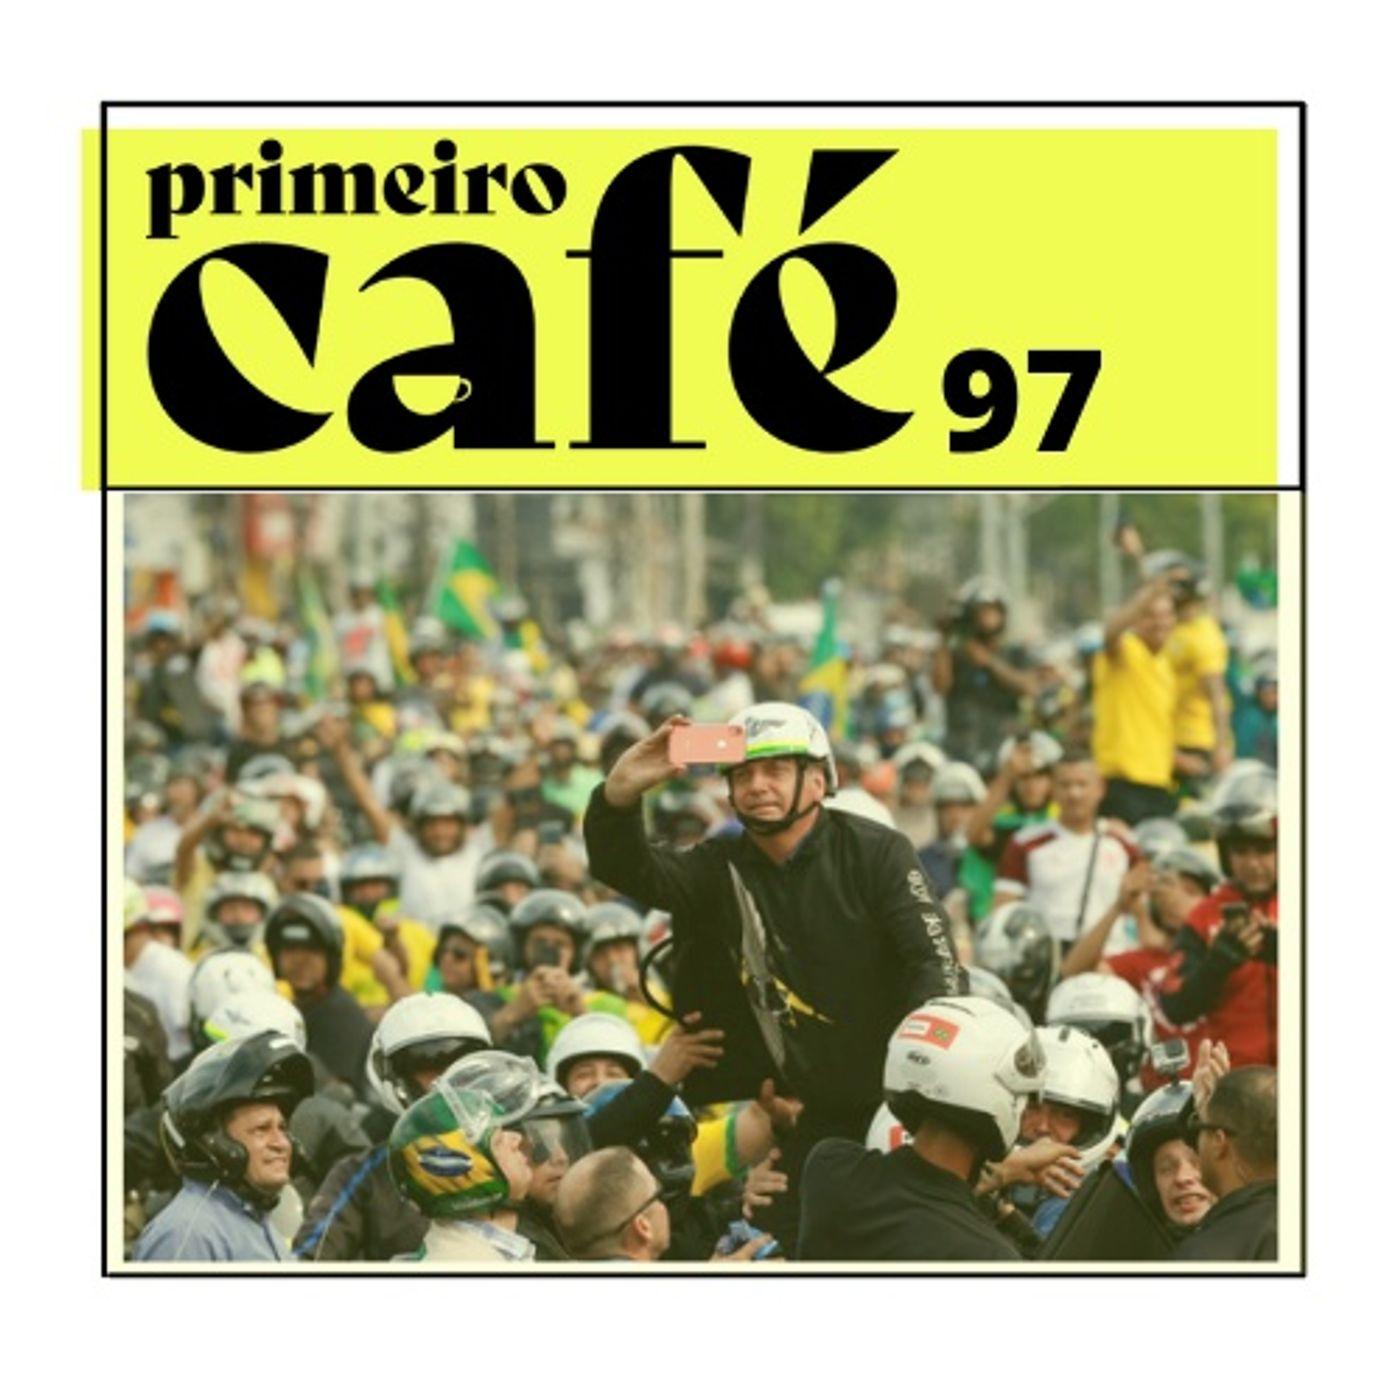 #97 Bolsonaro comete 9 infrações em passeio no Rio   No esporte, os campeões dos estaduais